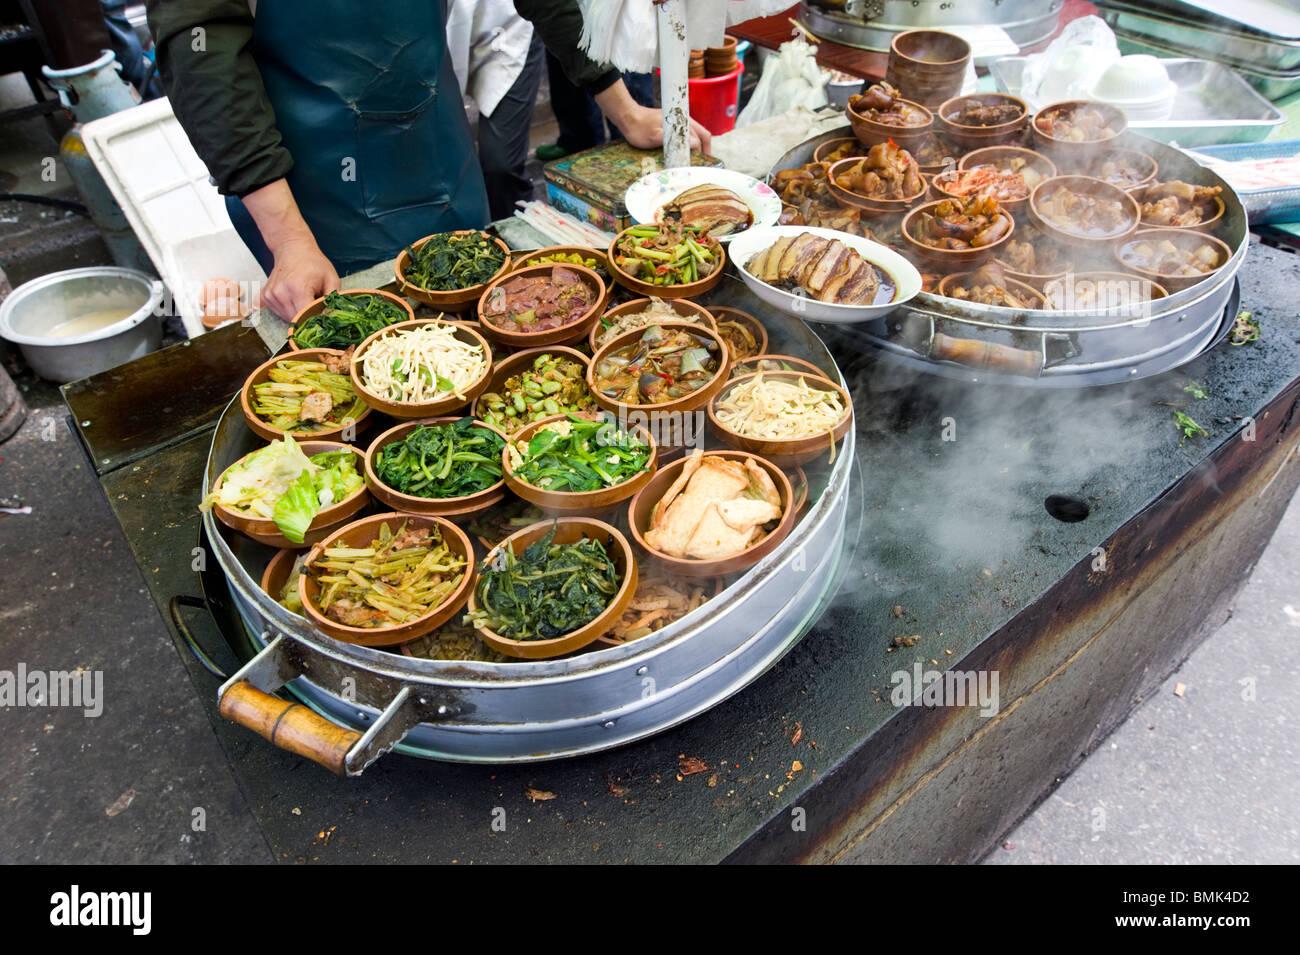 Caliente los alimentos callejeros, Shanghai, China Imagen De Stock